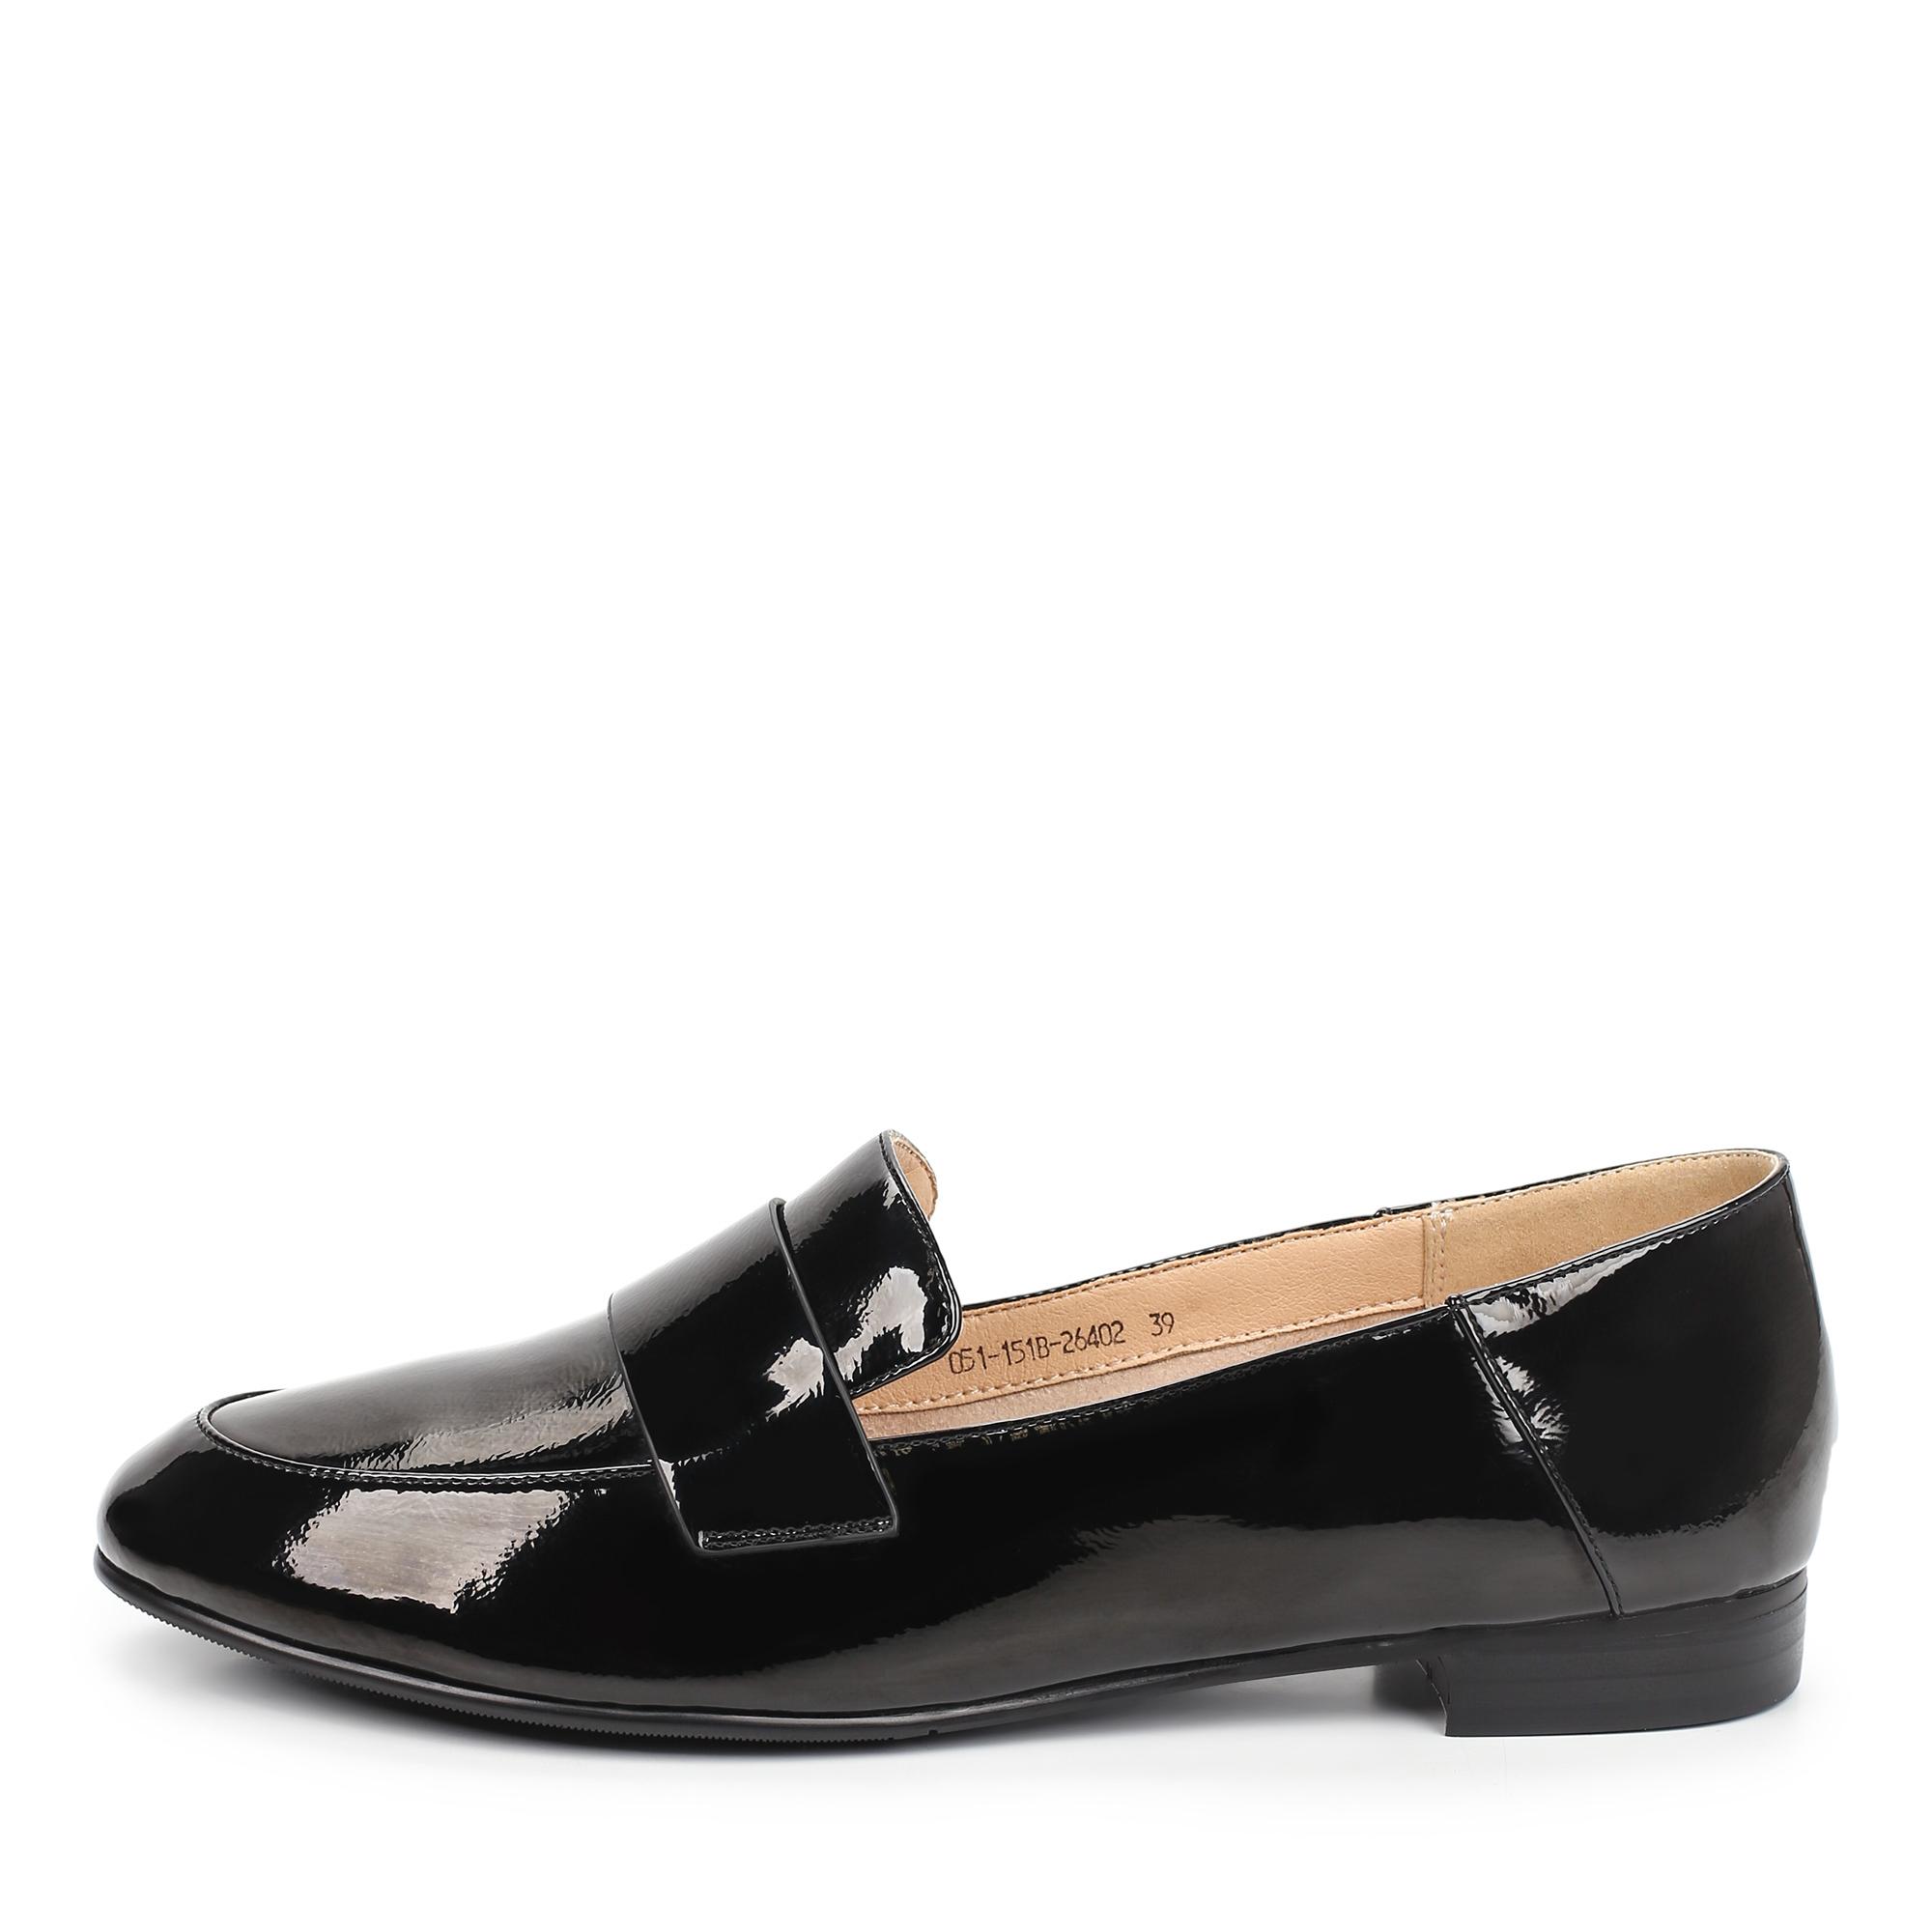 Туфли Bridget 051-151B-26402